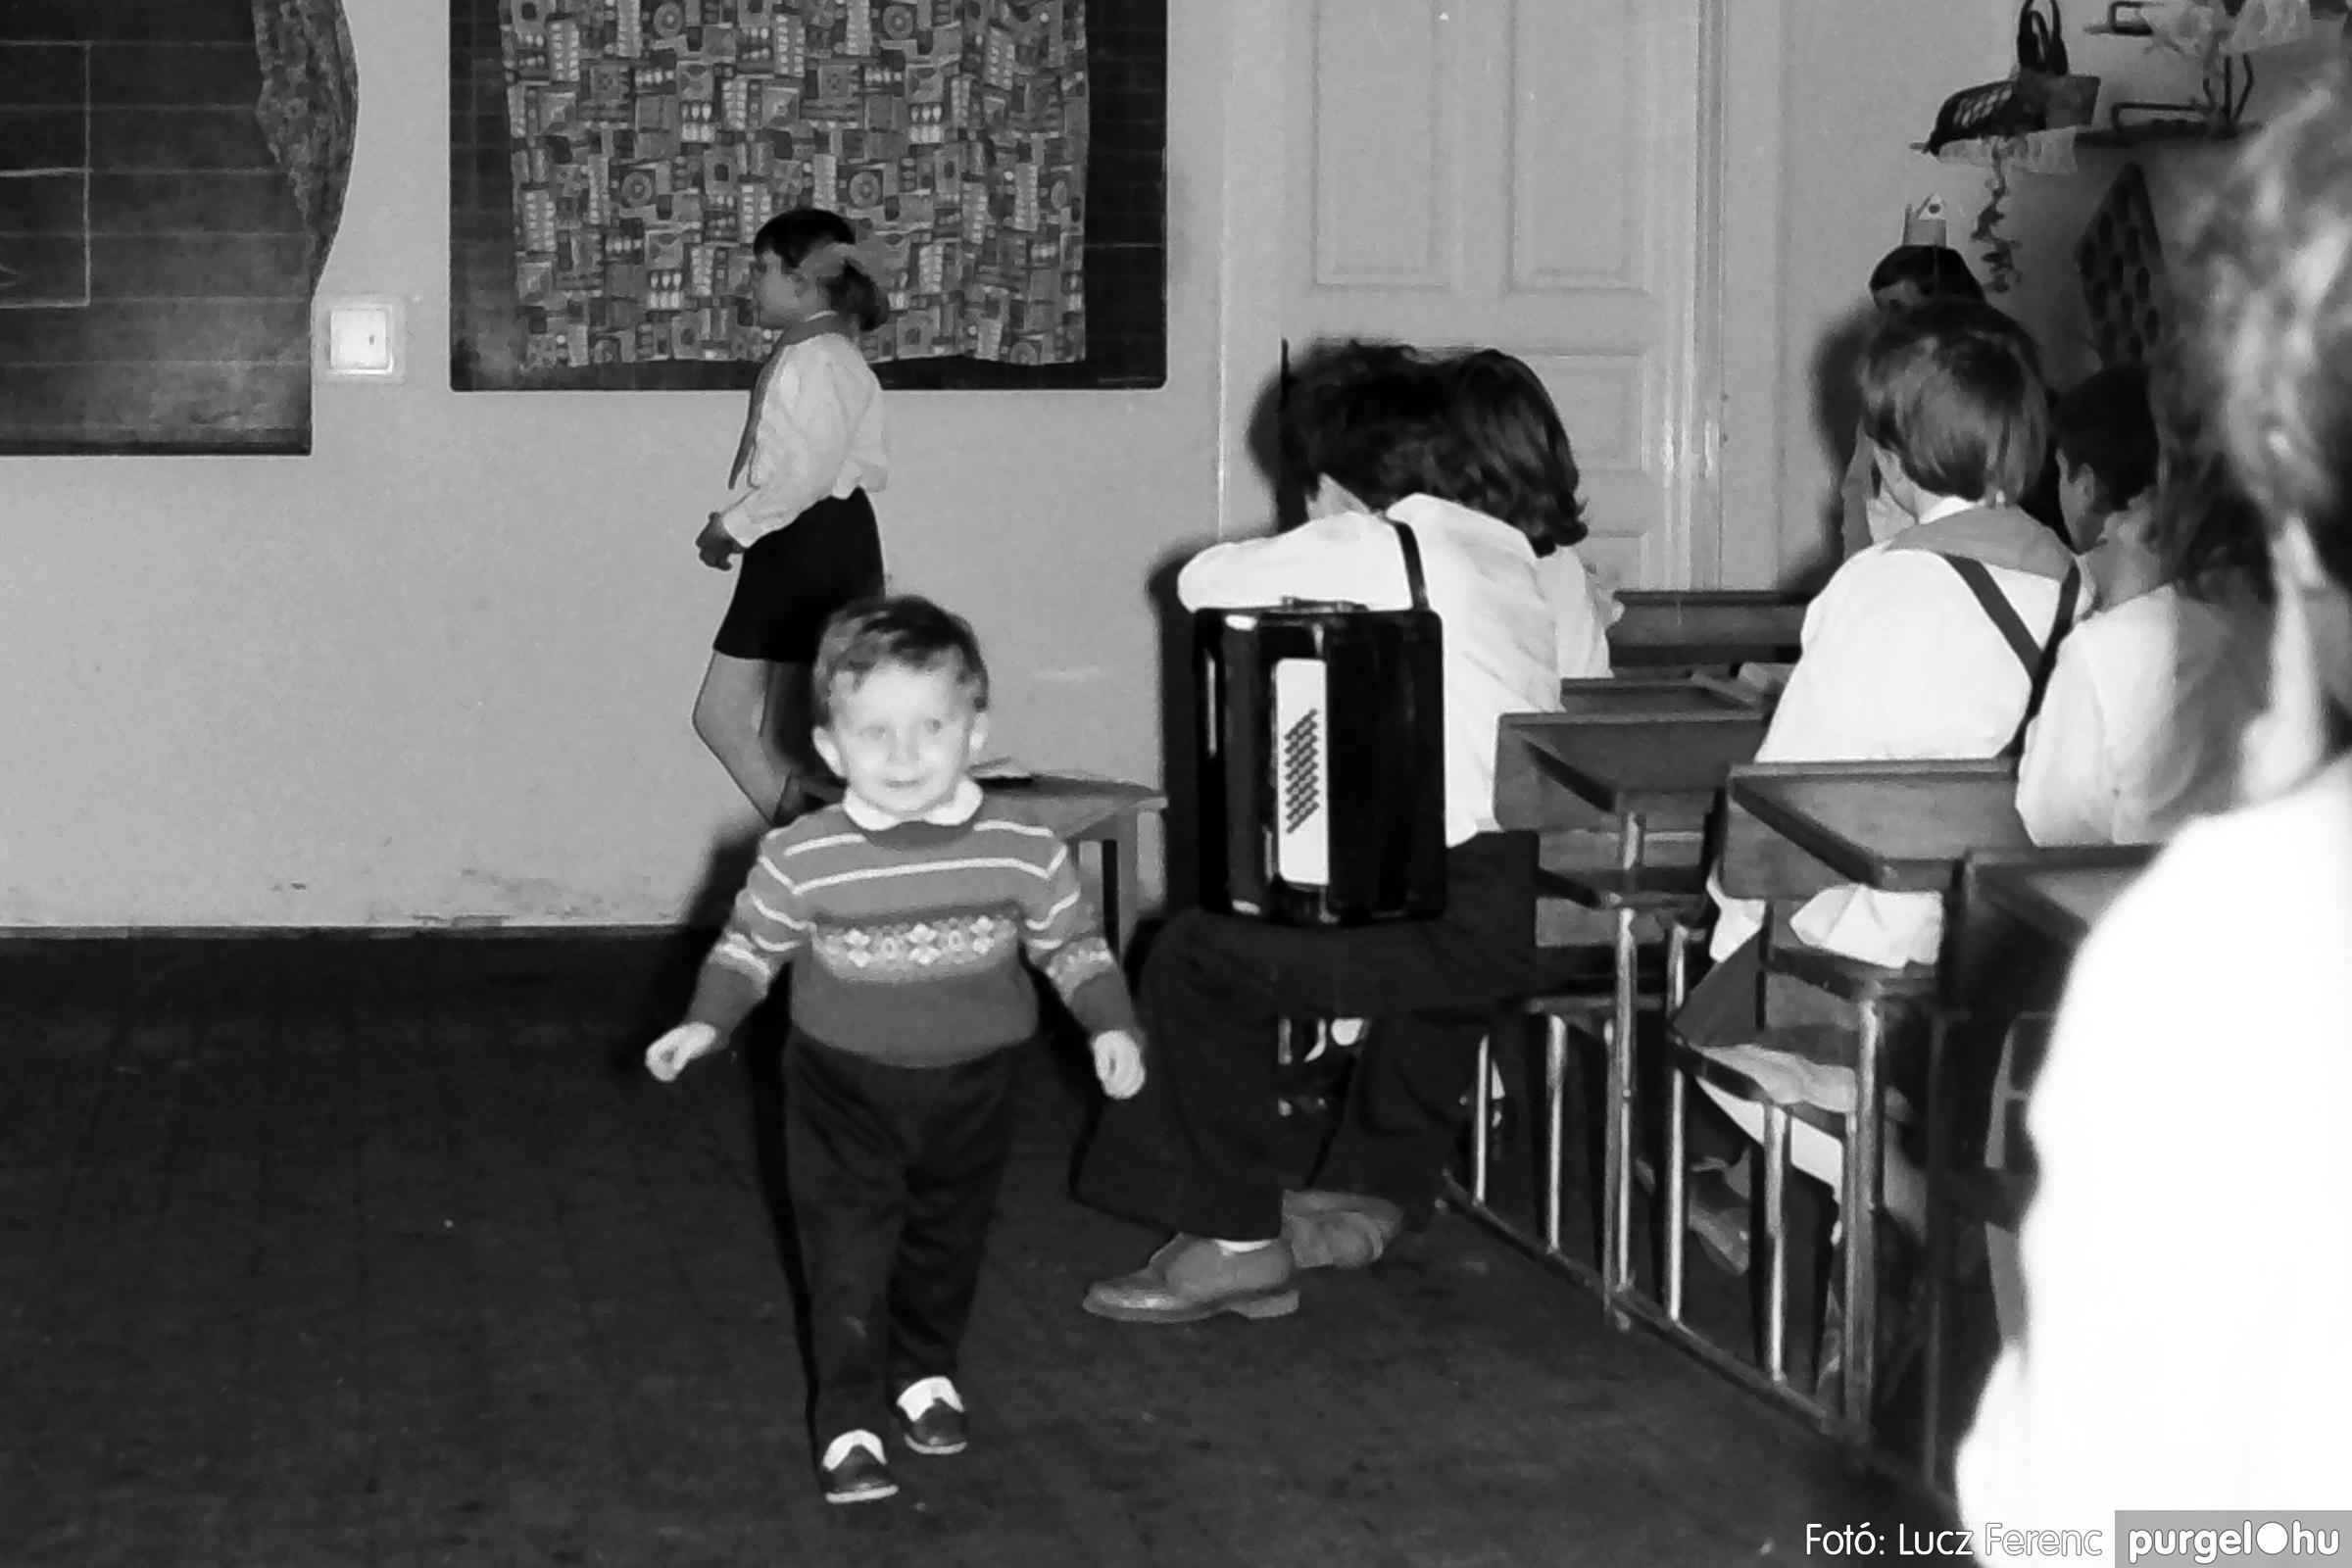 042-043. 1976. Program az újfalusi iskolában 003. - Fotó: Lucz Ferenc - IMG00240q.jpg